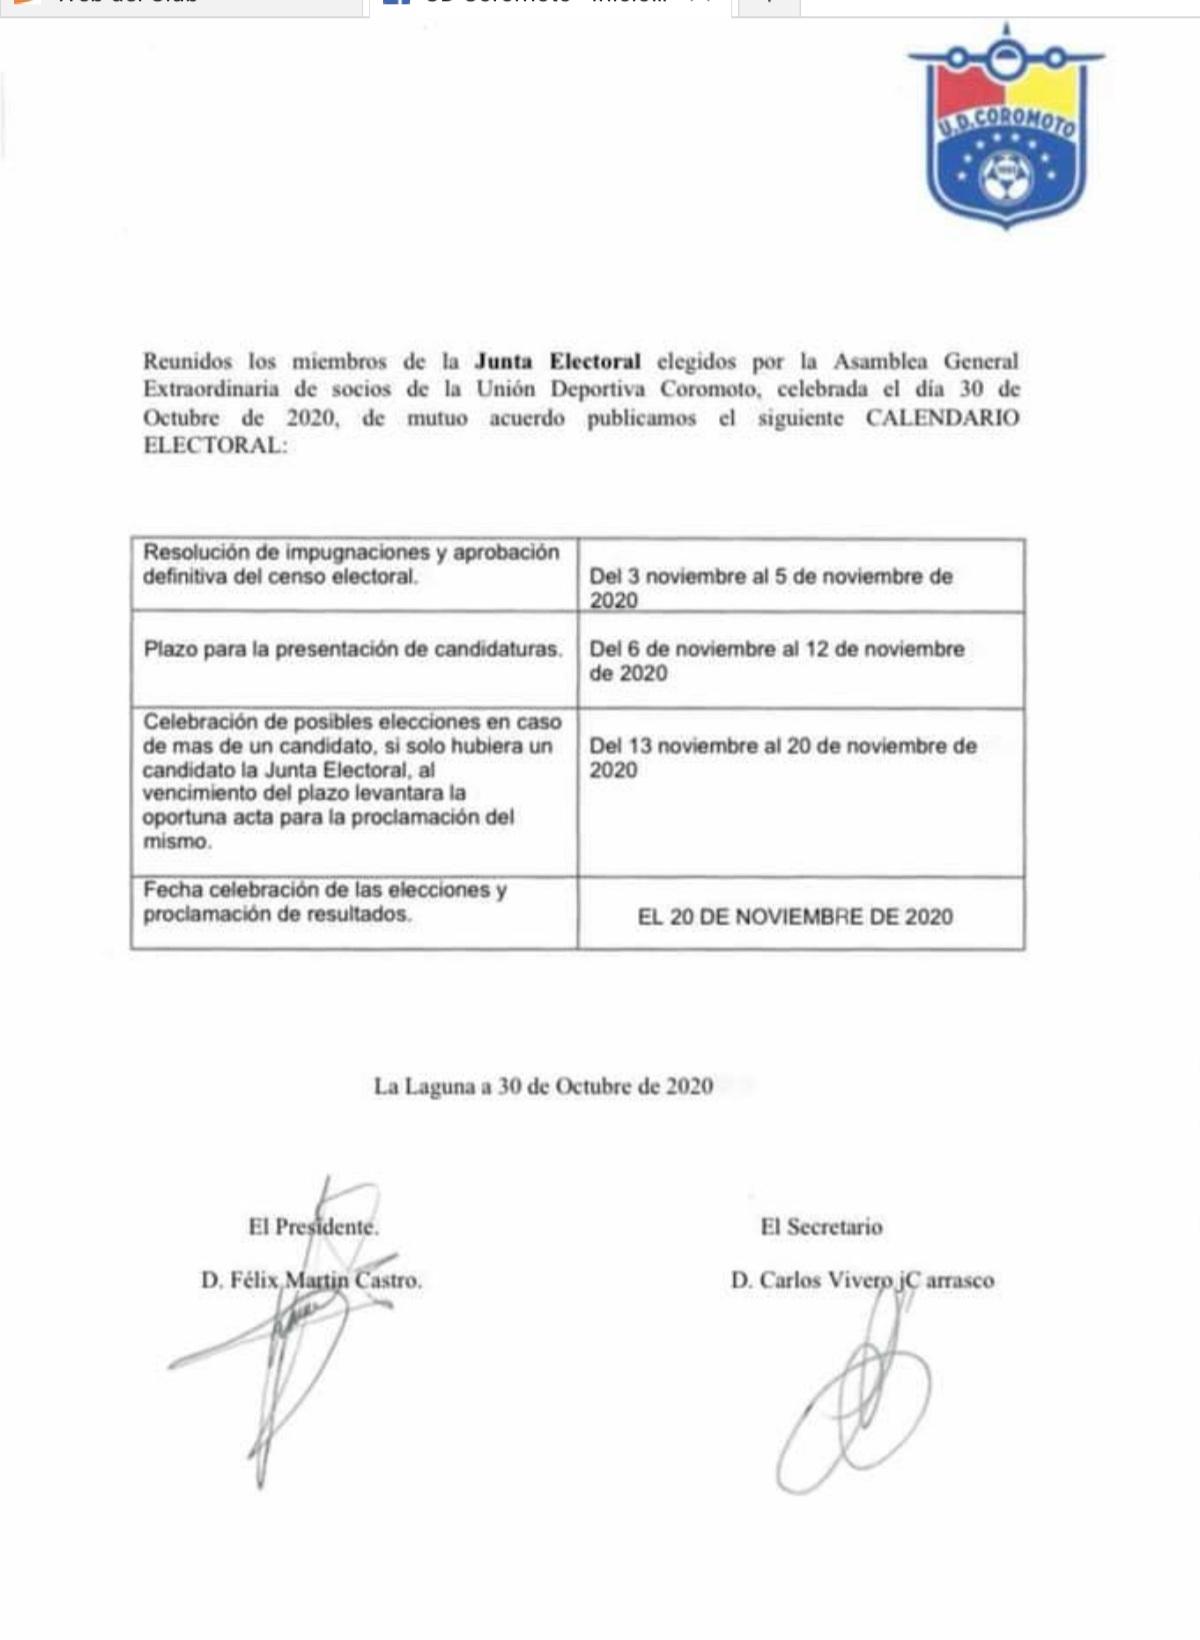 sdsCALENDARIO ELECTORAL